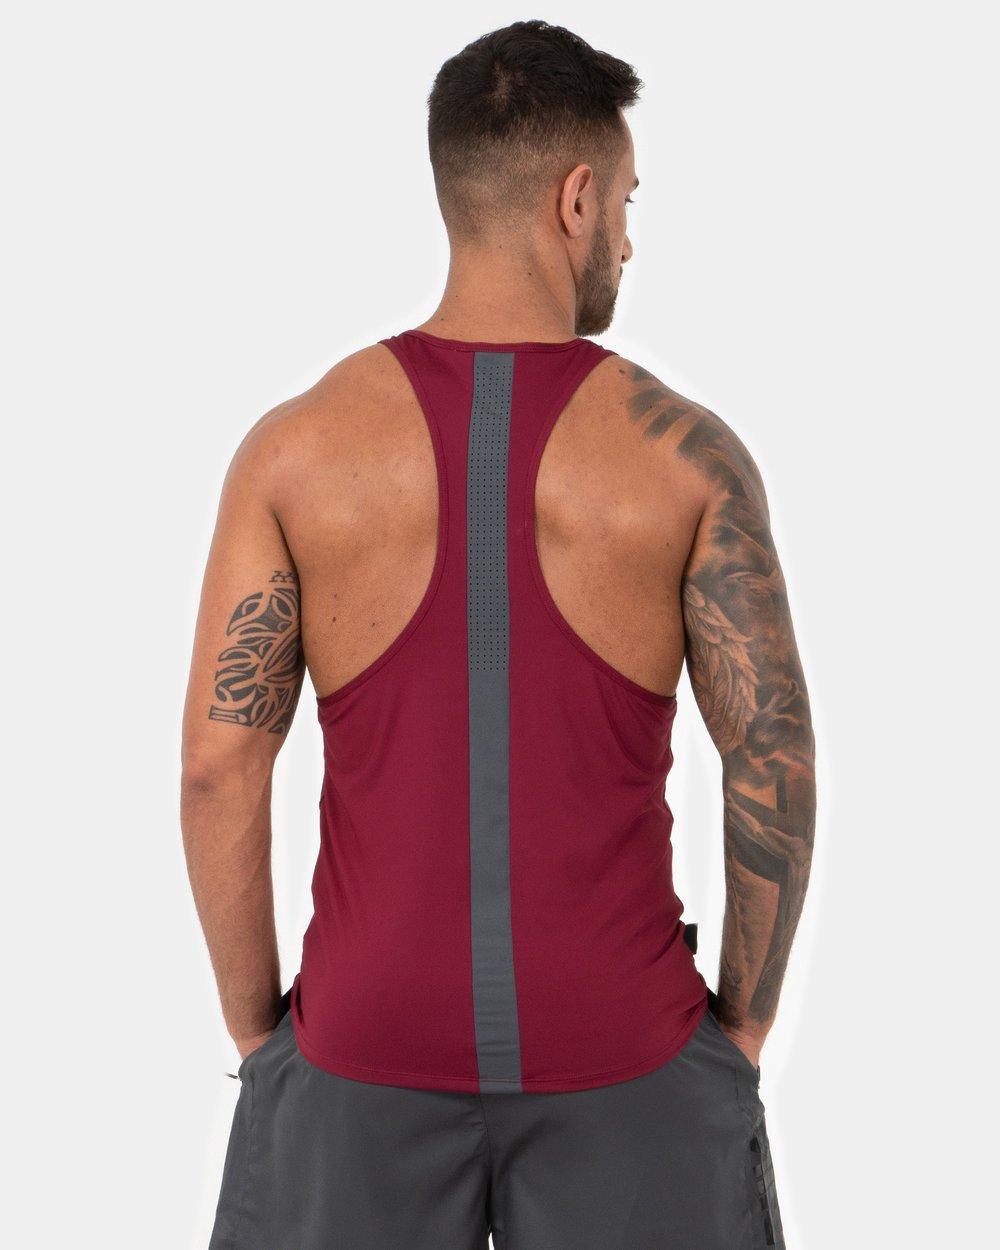 758de243050db Men s Power T-Back by Ryderwear Online